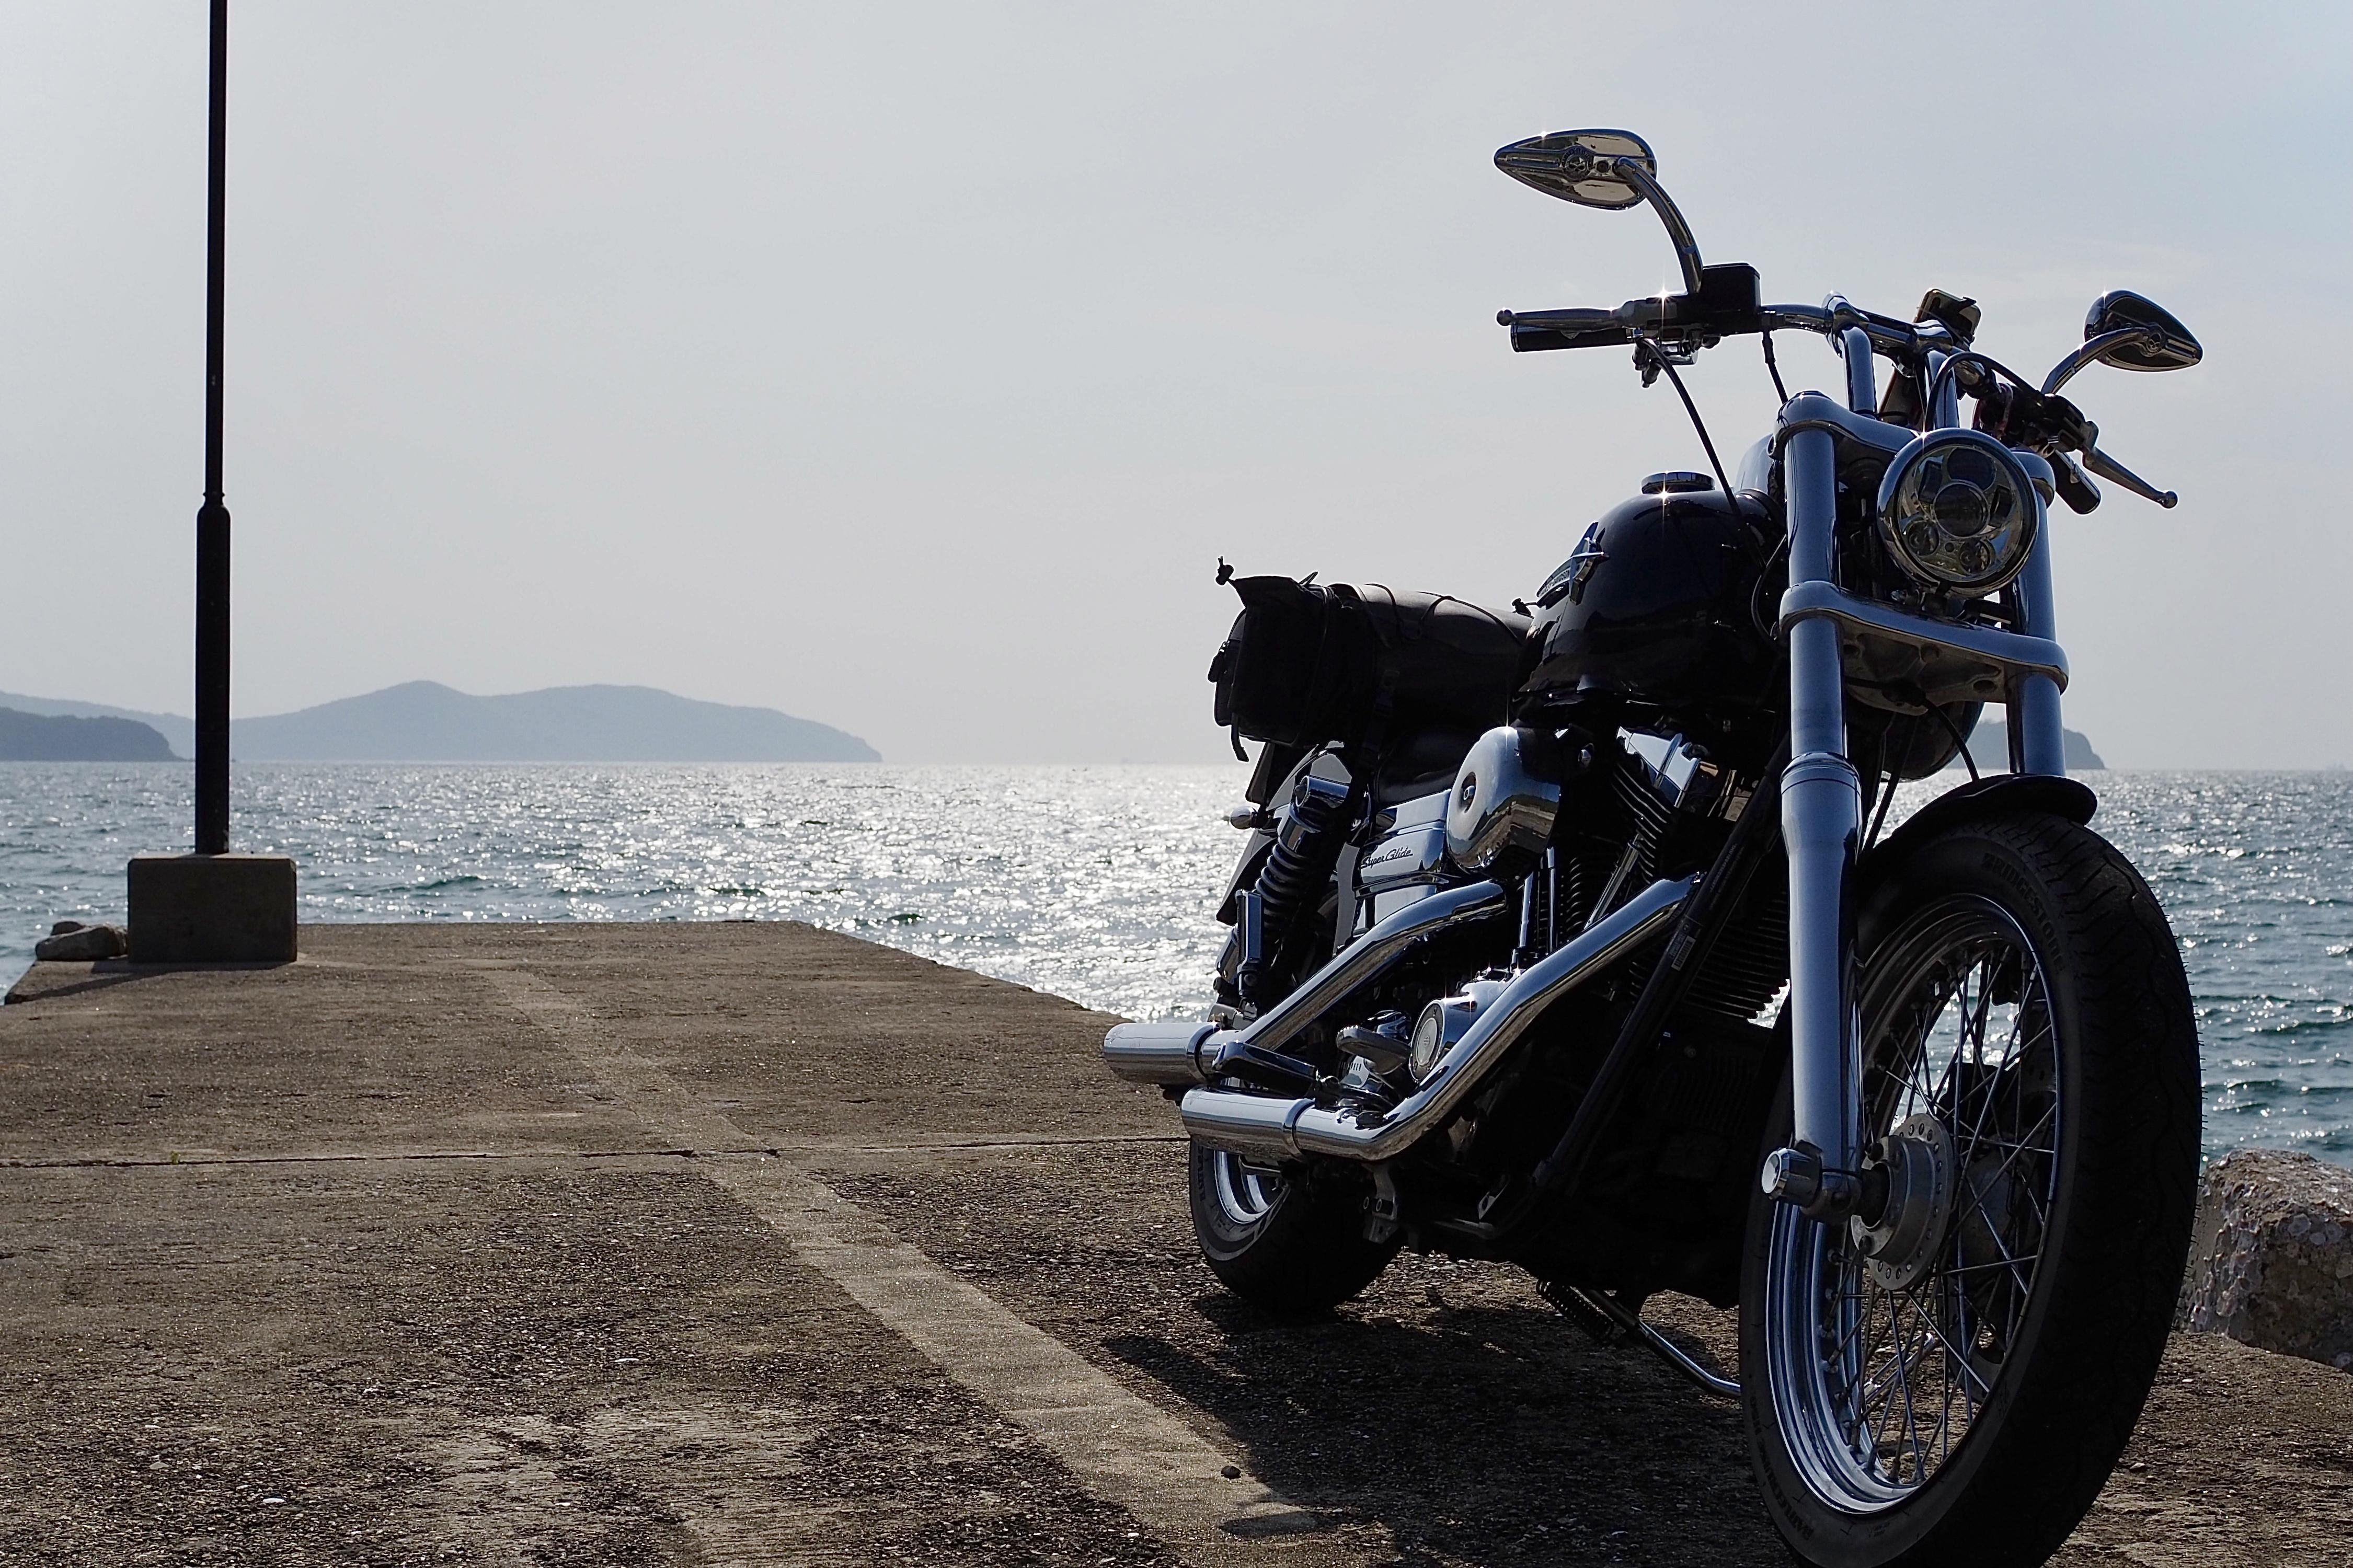 小豆島ツーリング 絶景とグルメ ハーレー 旅 一人 瀬戸内海 防波堤 絶景